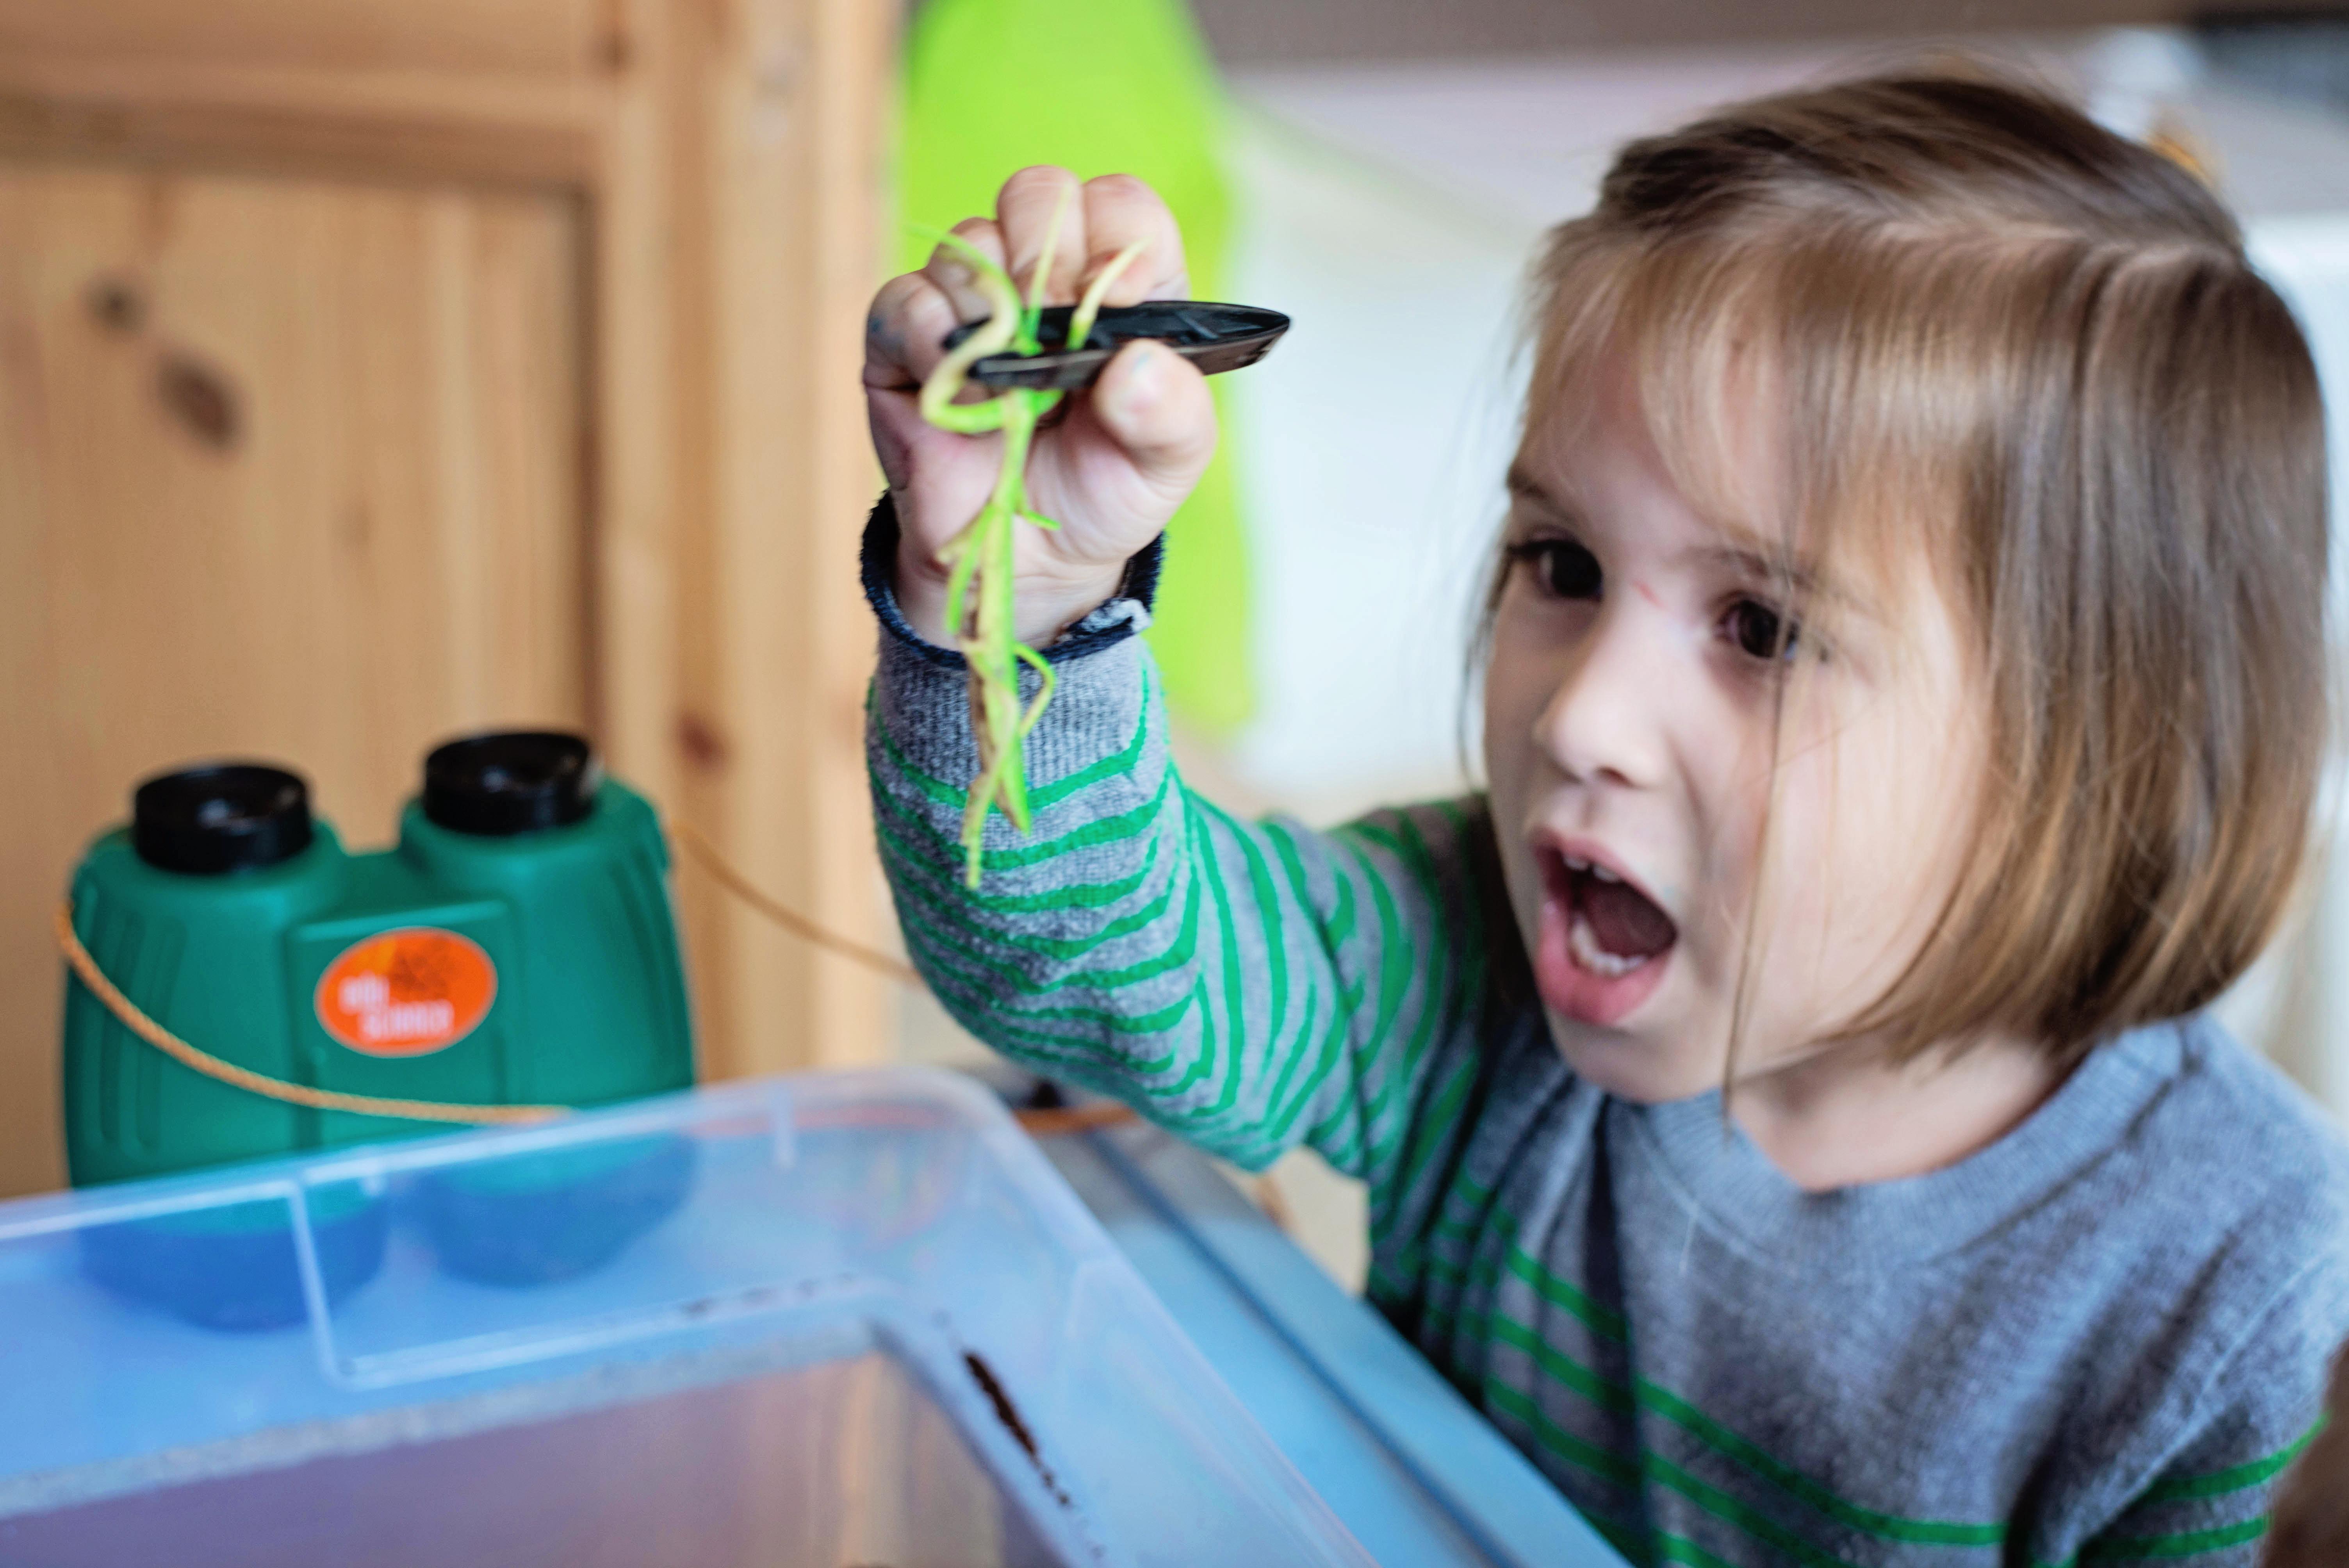 Babes in Deutschland, bug catching sensory bin